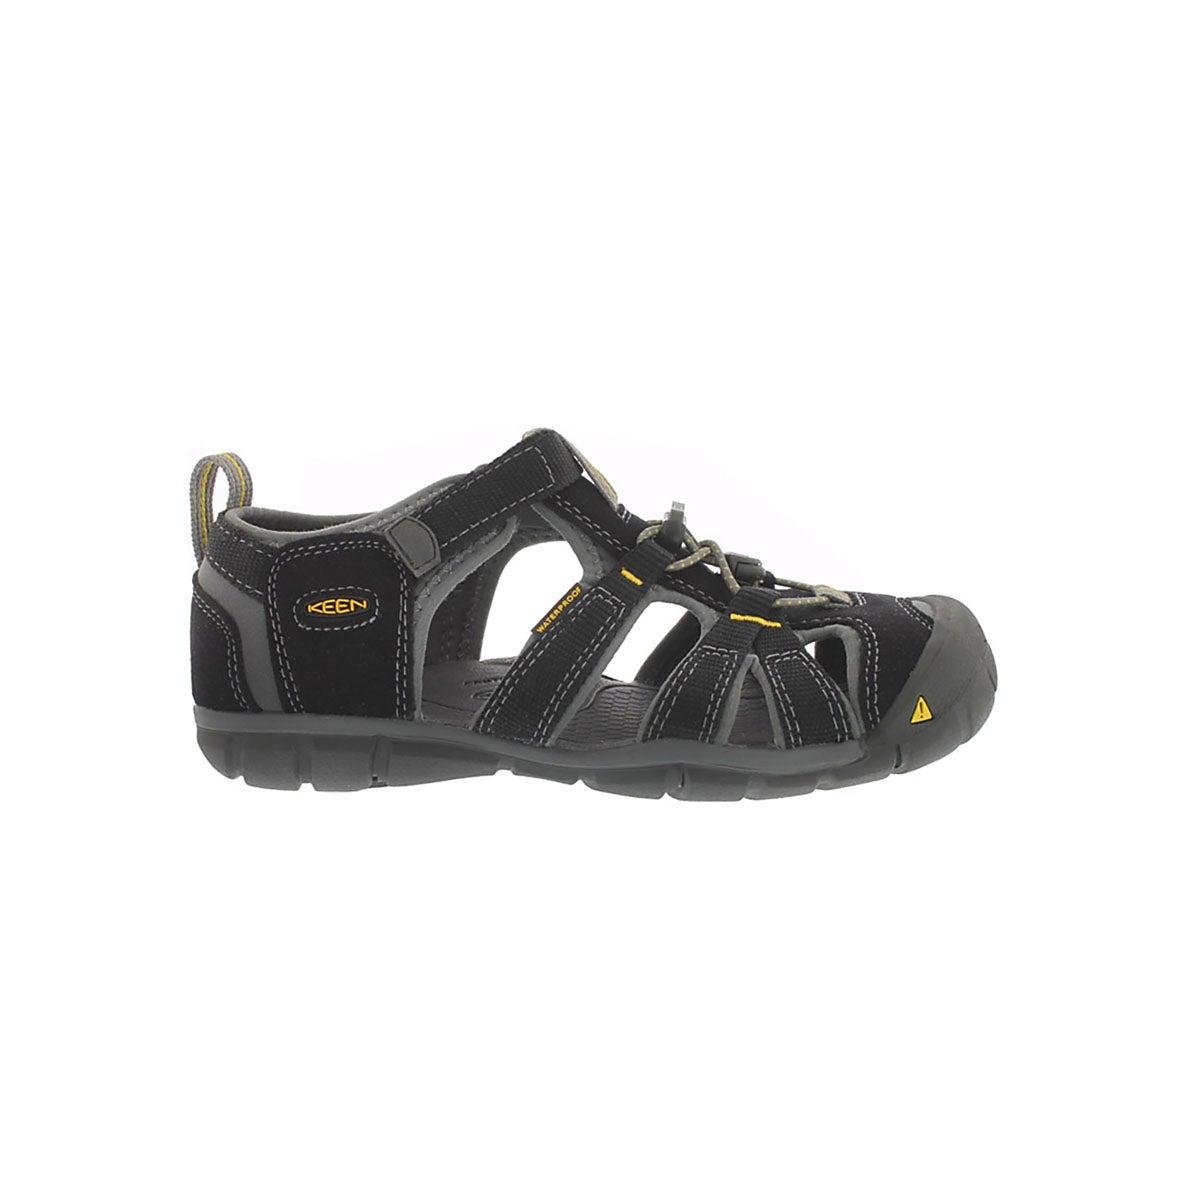 Sandales sport Seacamp II, noir, bébés